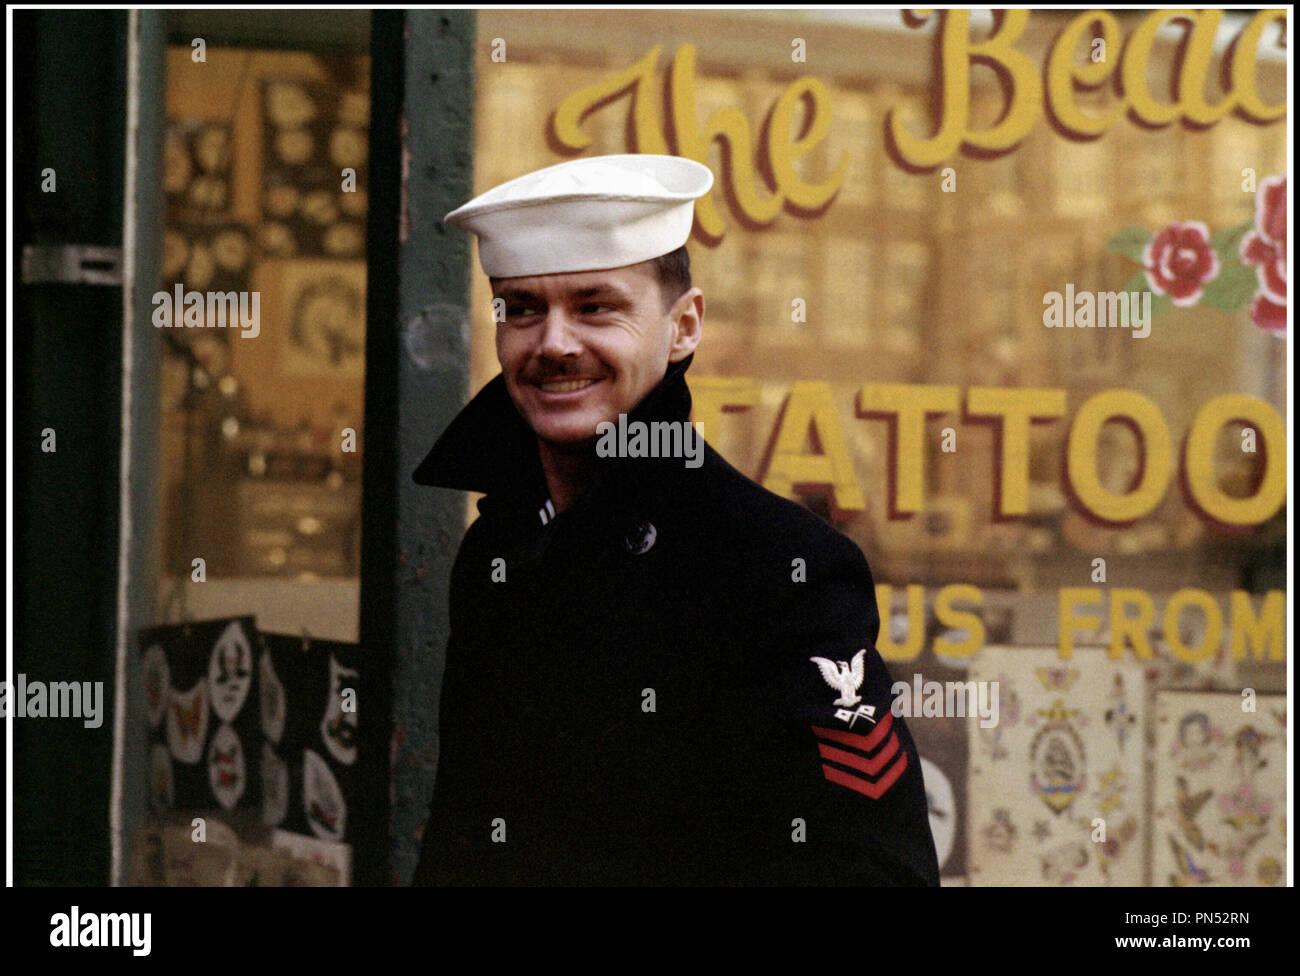 Prod DB © Columbia Pictures / DR LA DERNIERE CORVEE (THE LAST DETAIL) de Hal Ashby 1973 USA avec Jack Nicholson marin, d'apres le roman de Darryl Ponicsan - Stock Image